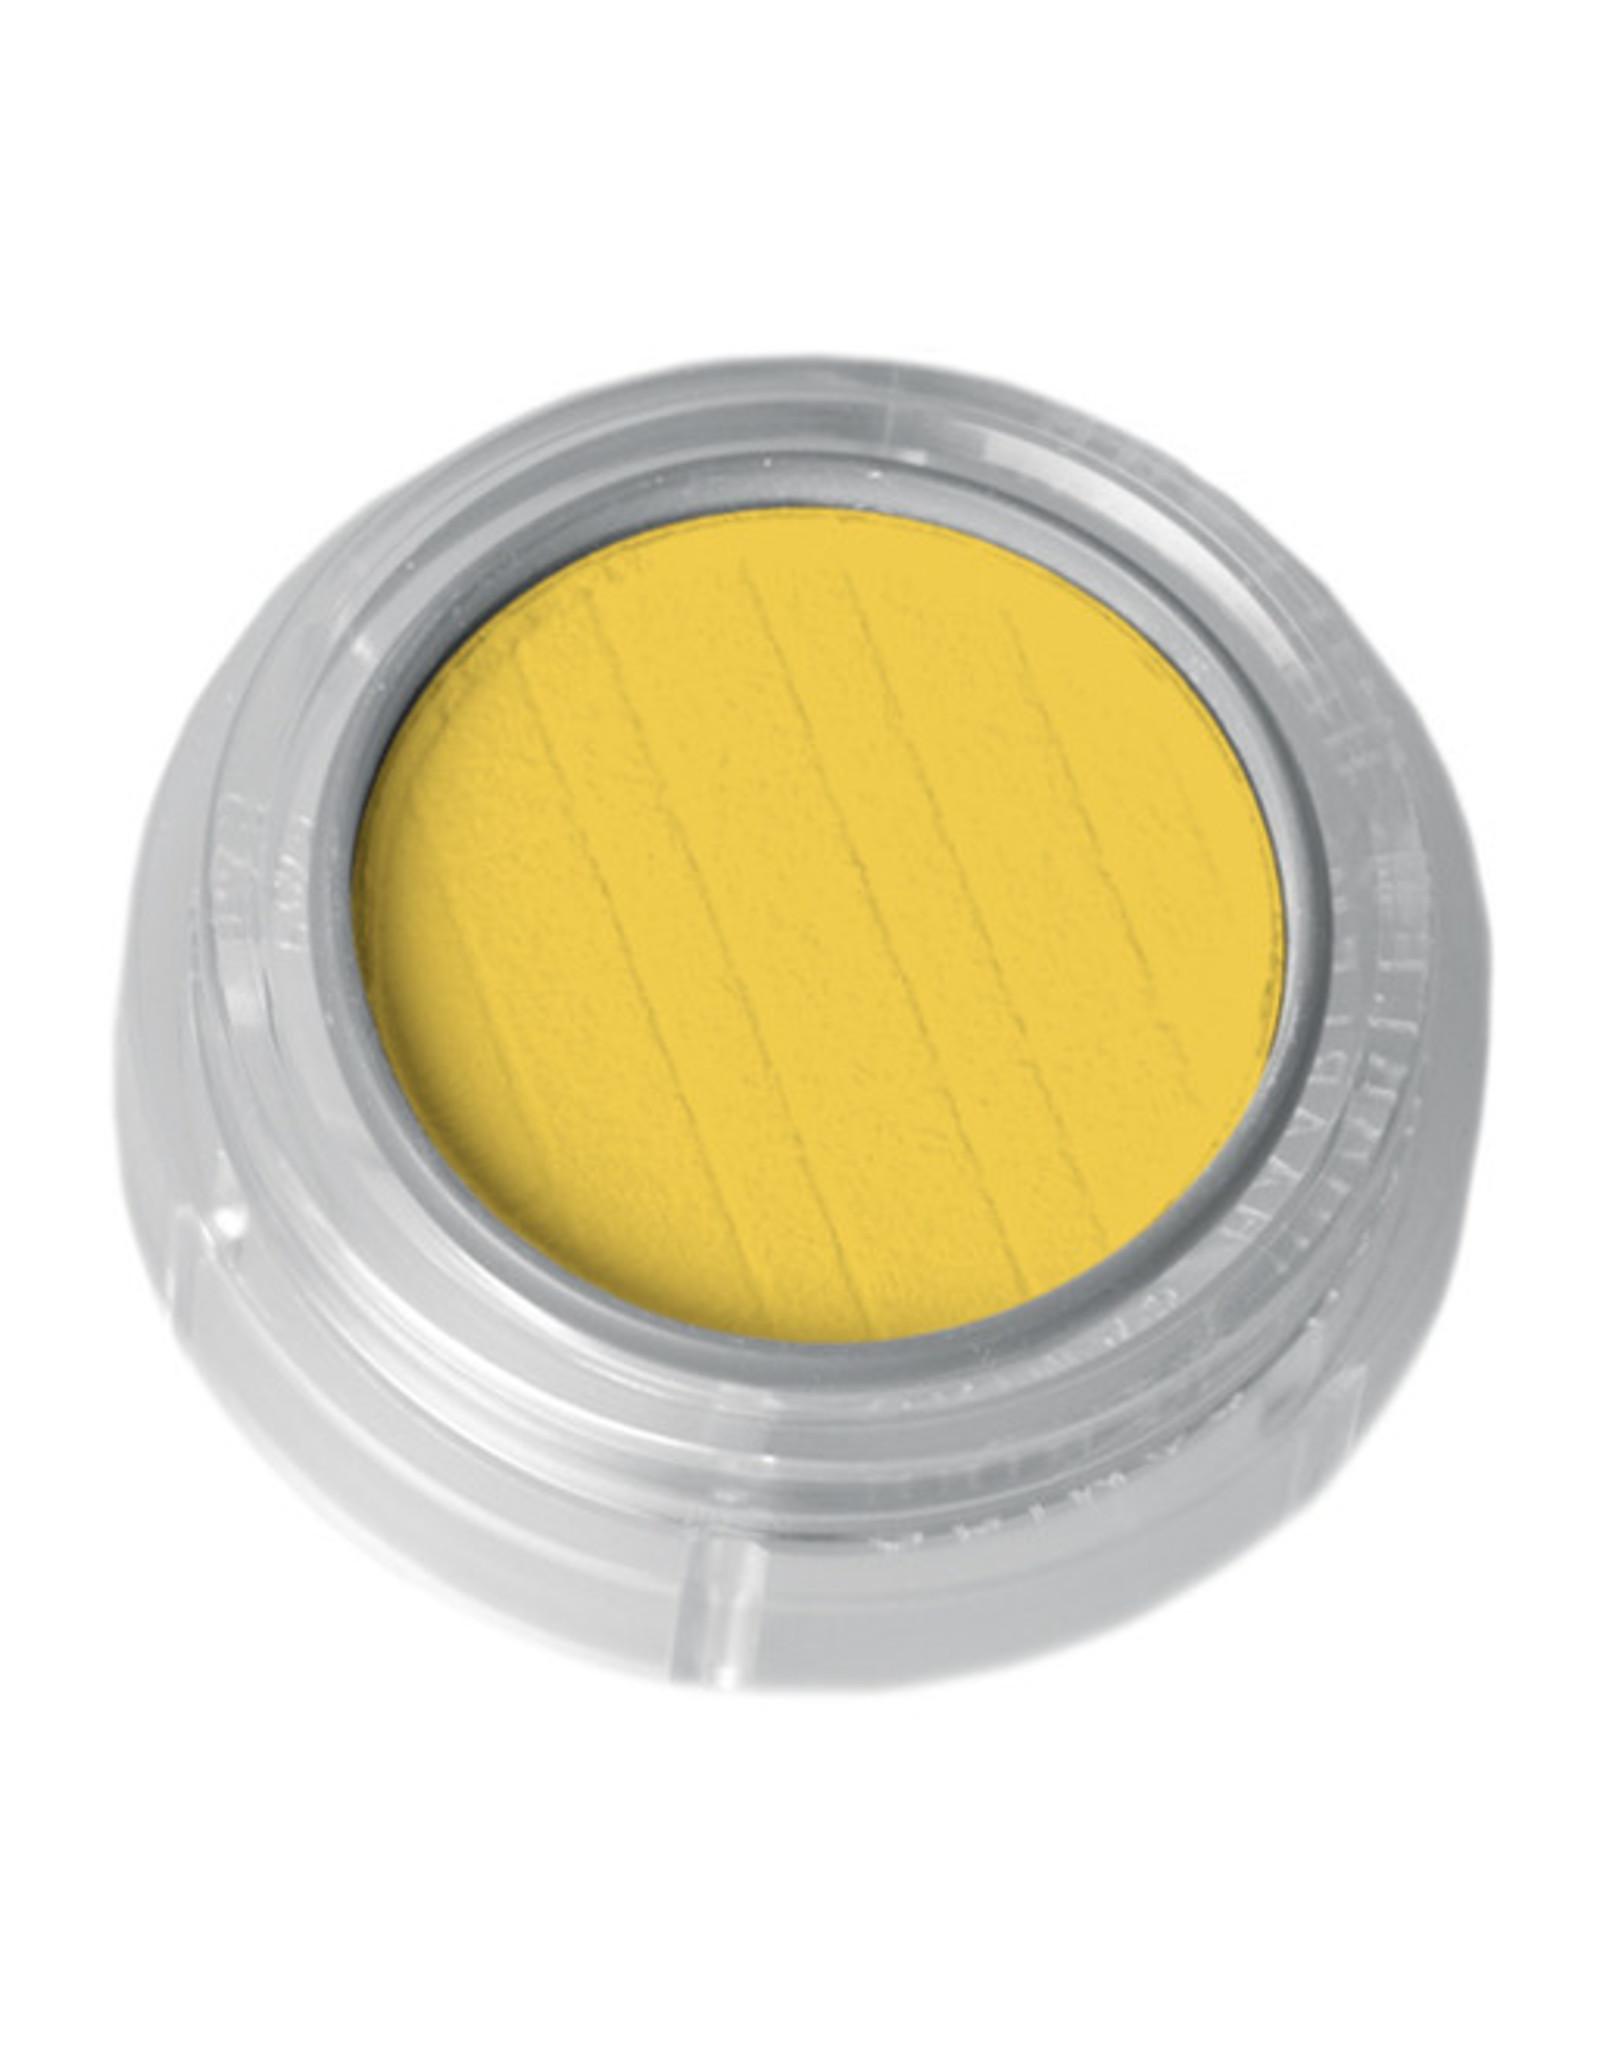 Grimas EYESHADOW/ROUGE 284 Geel A1 (2 g)